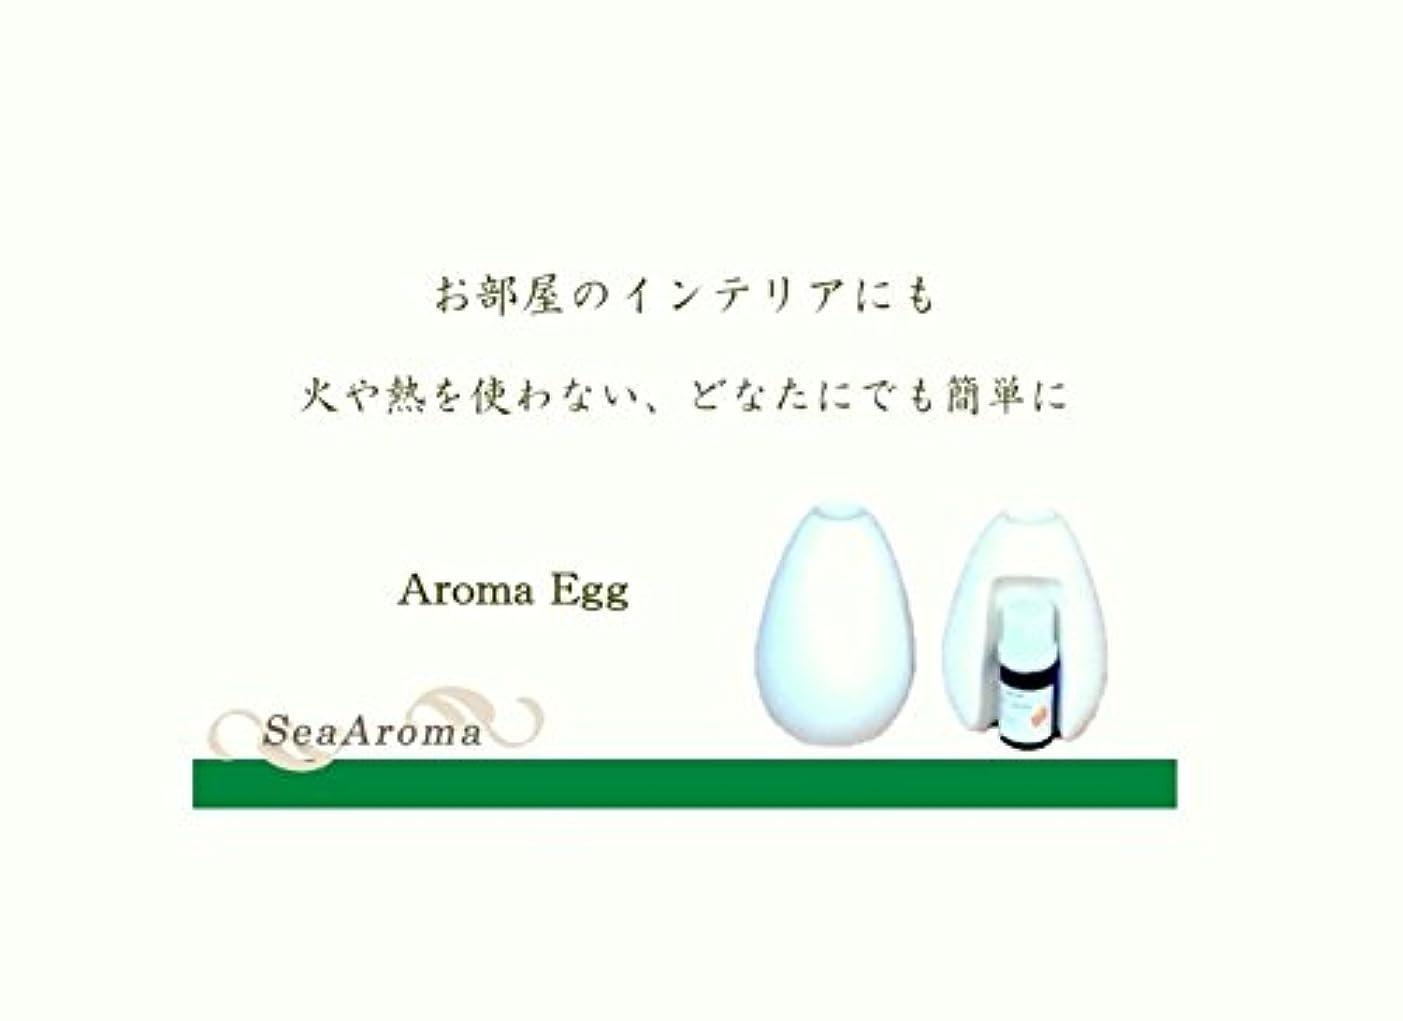 全体に悲惨な火星Aroma Egg